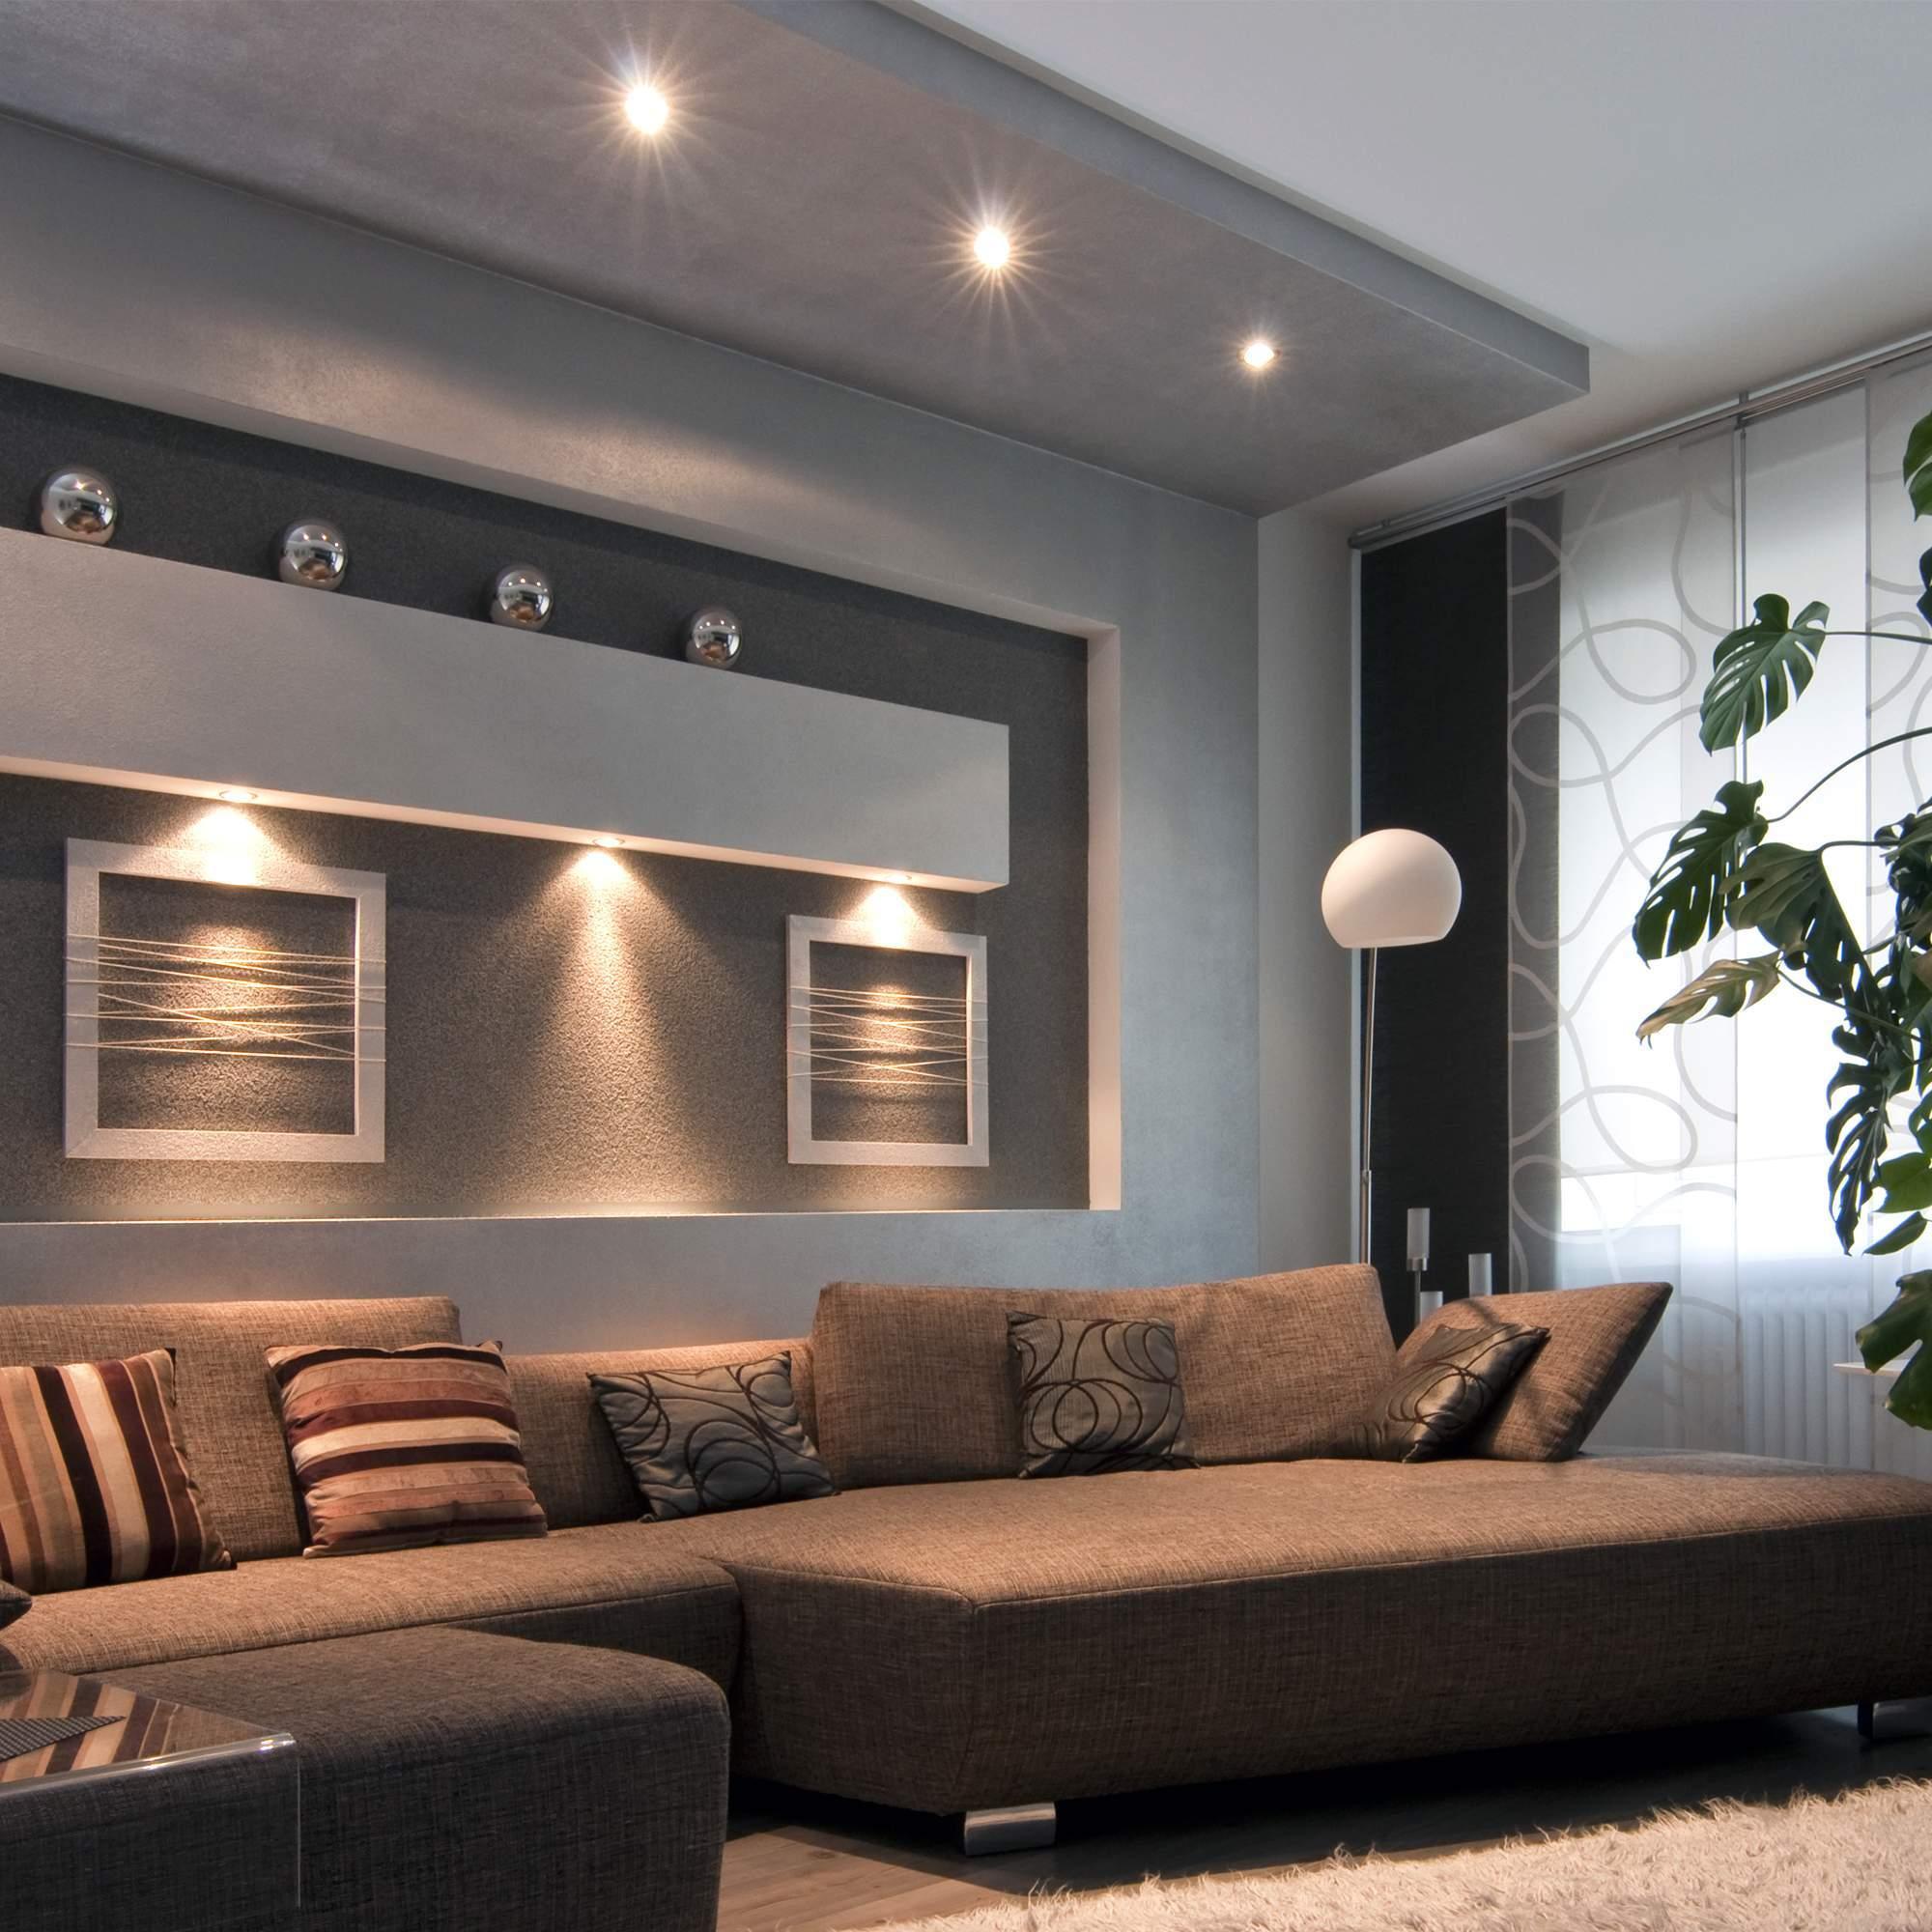 Full Size of Deckenstrahler Wohnzimmer Genial Luxus Deckenstrahler Wohnzimmer Wohnzimmer Deckenstrahler Wohnzimmer